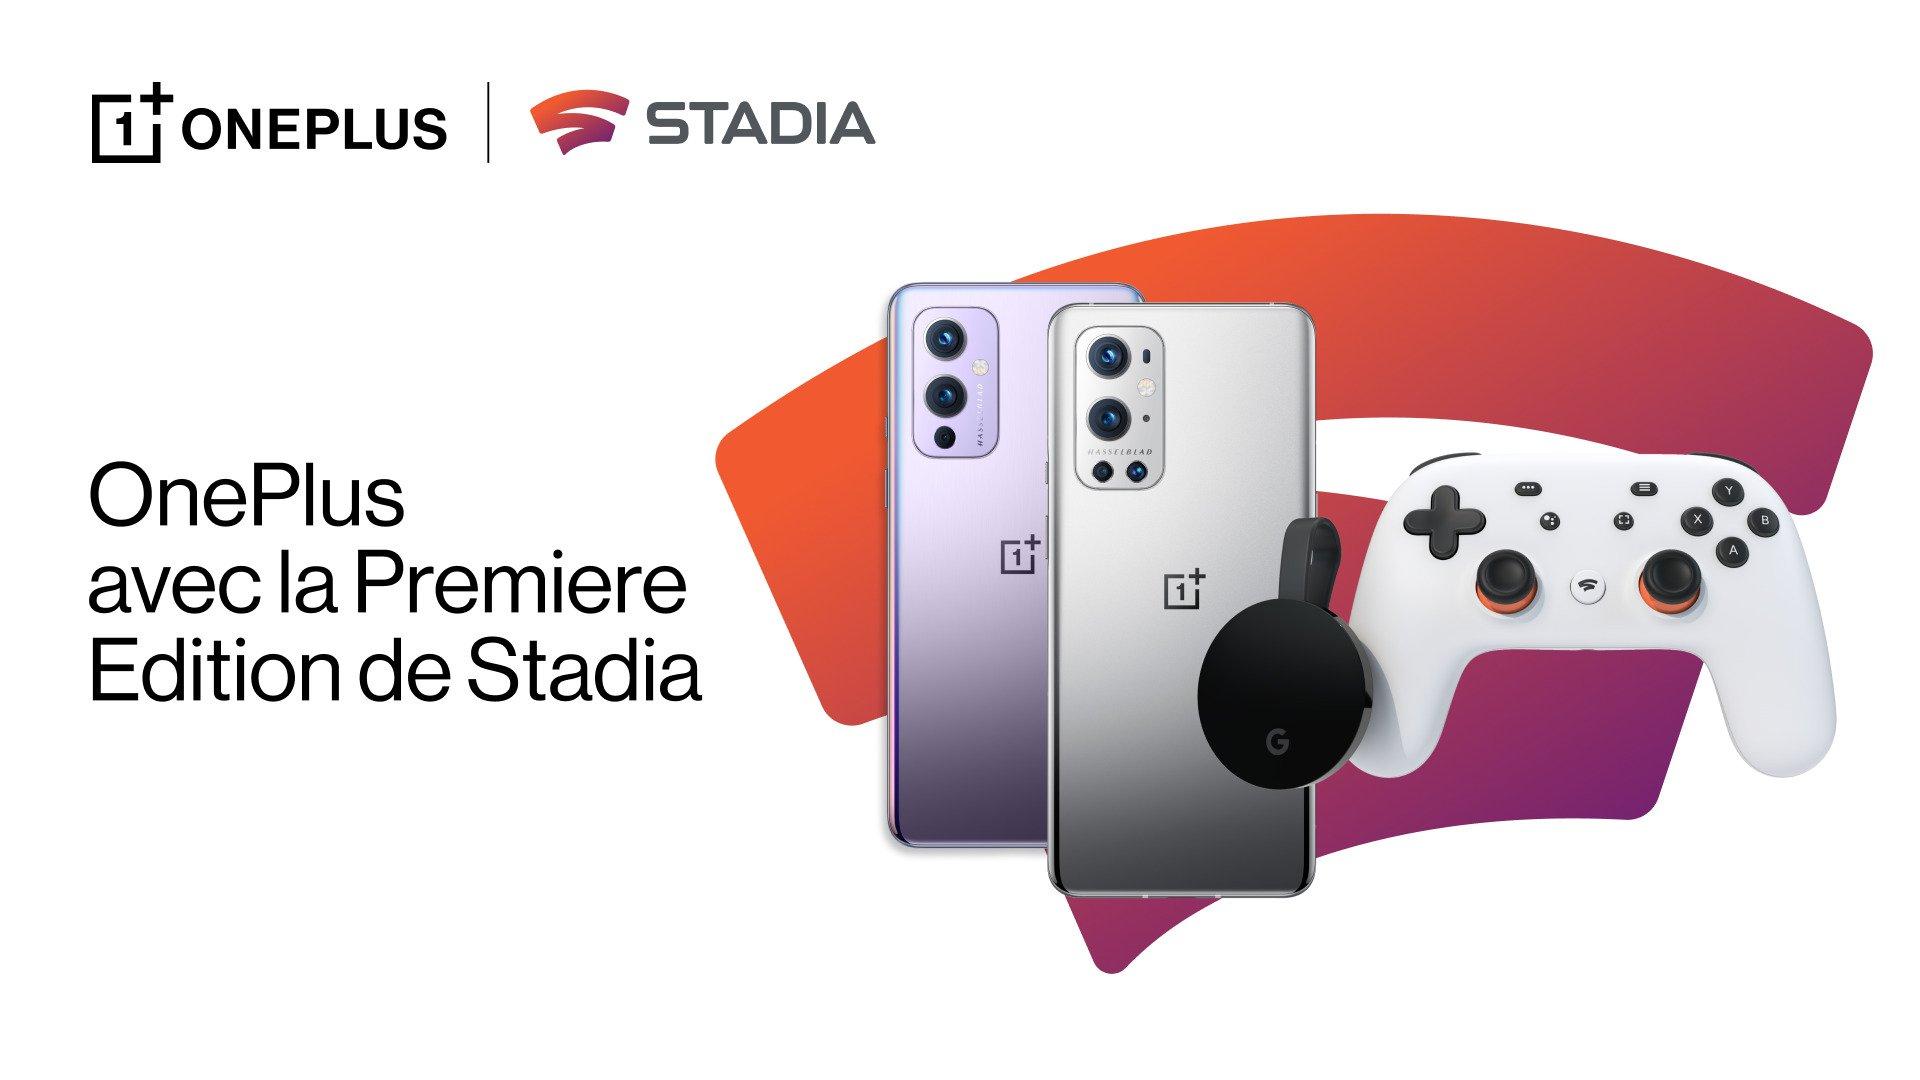 Stadia OnePlus